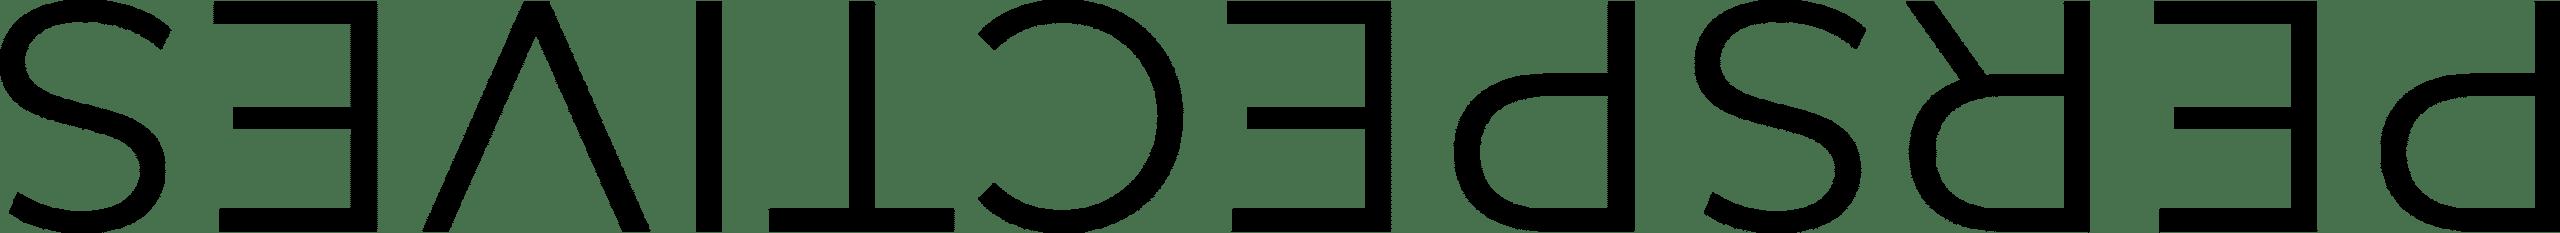 MAS_Changing_Perspective_Schriftzug_s-unten